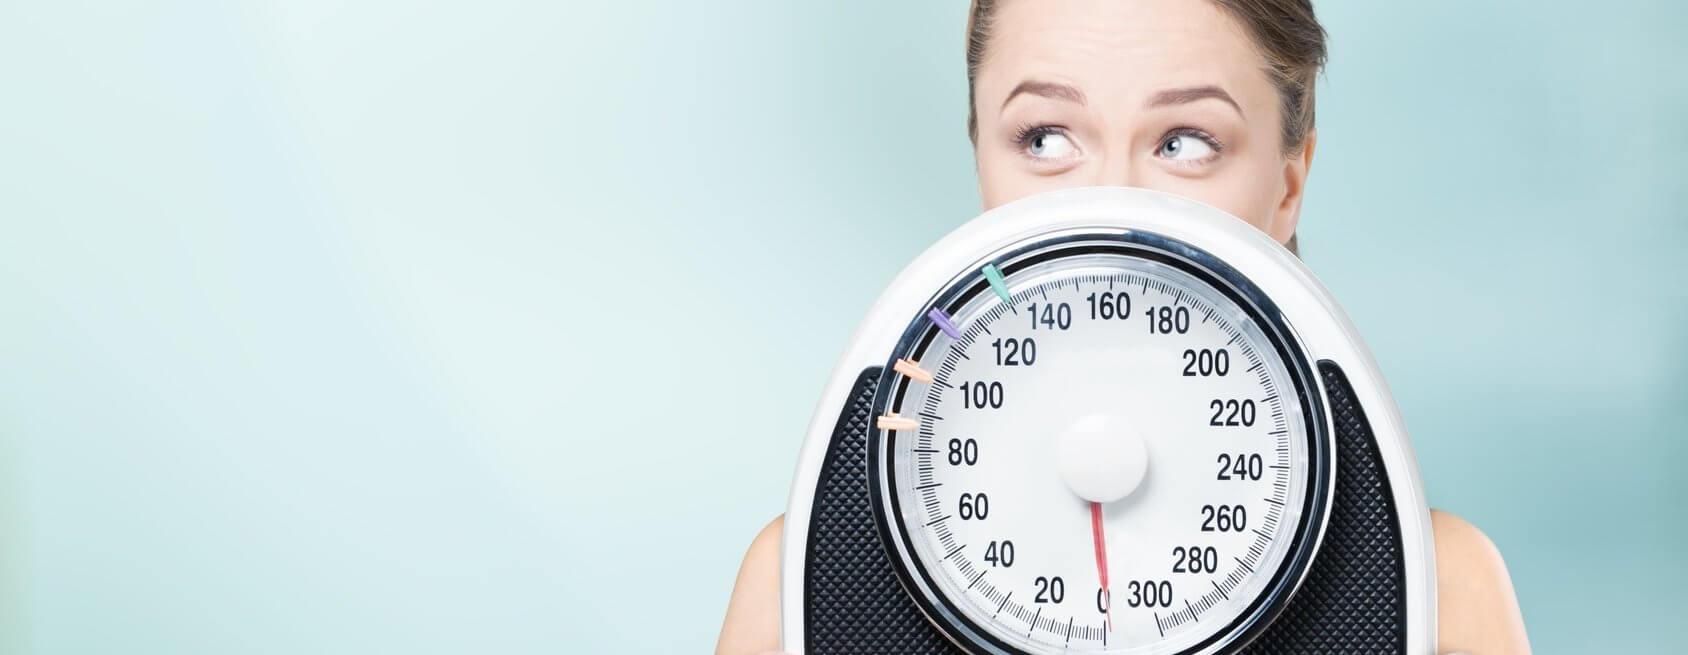 Ist eine Fettabsaugung bei stark Übergewichtigen zu empfehlen?